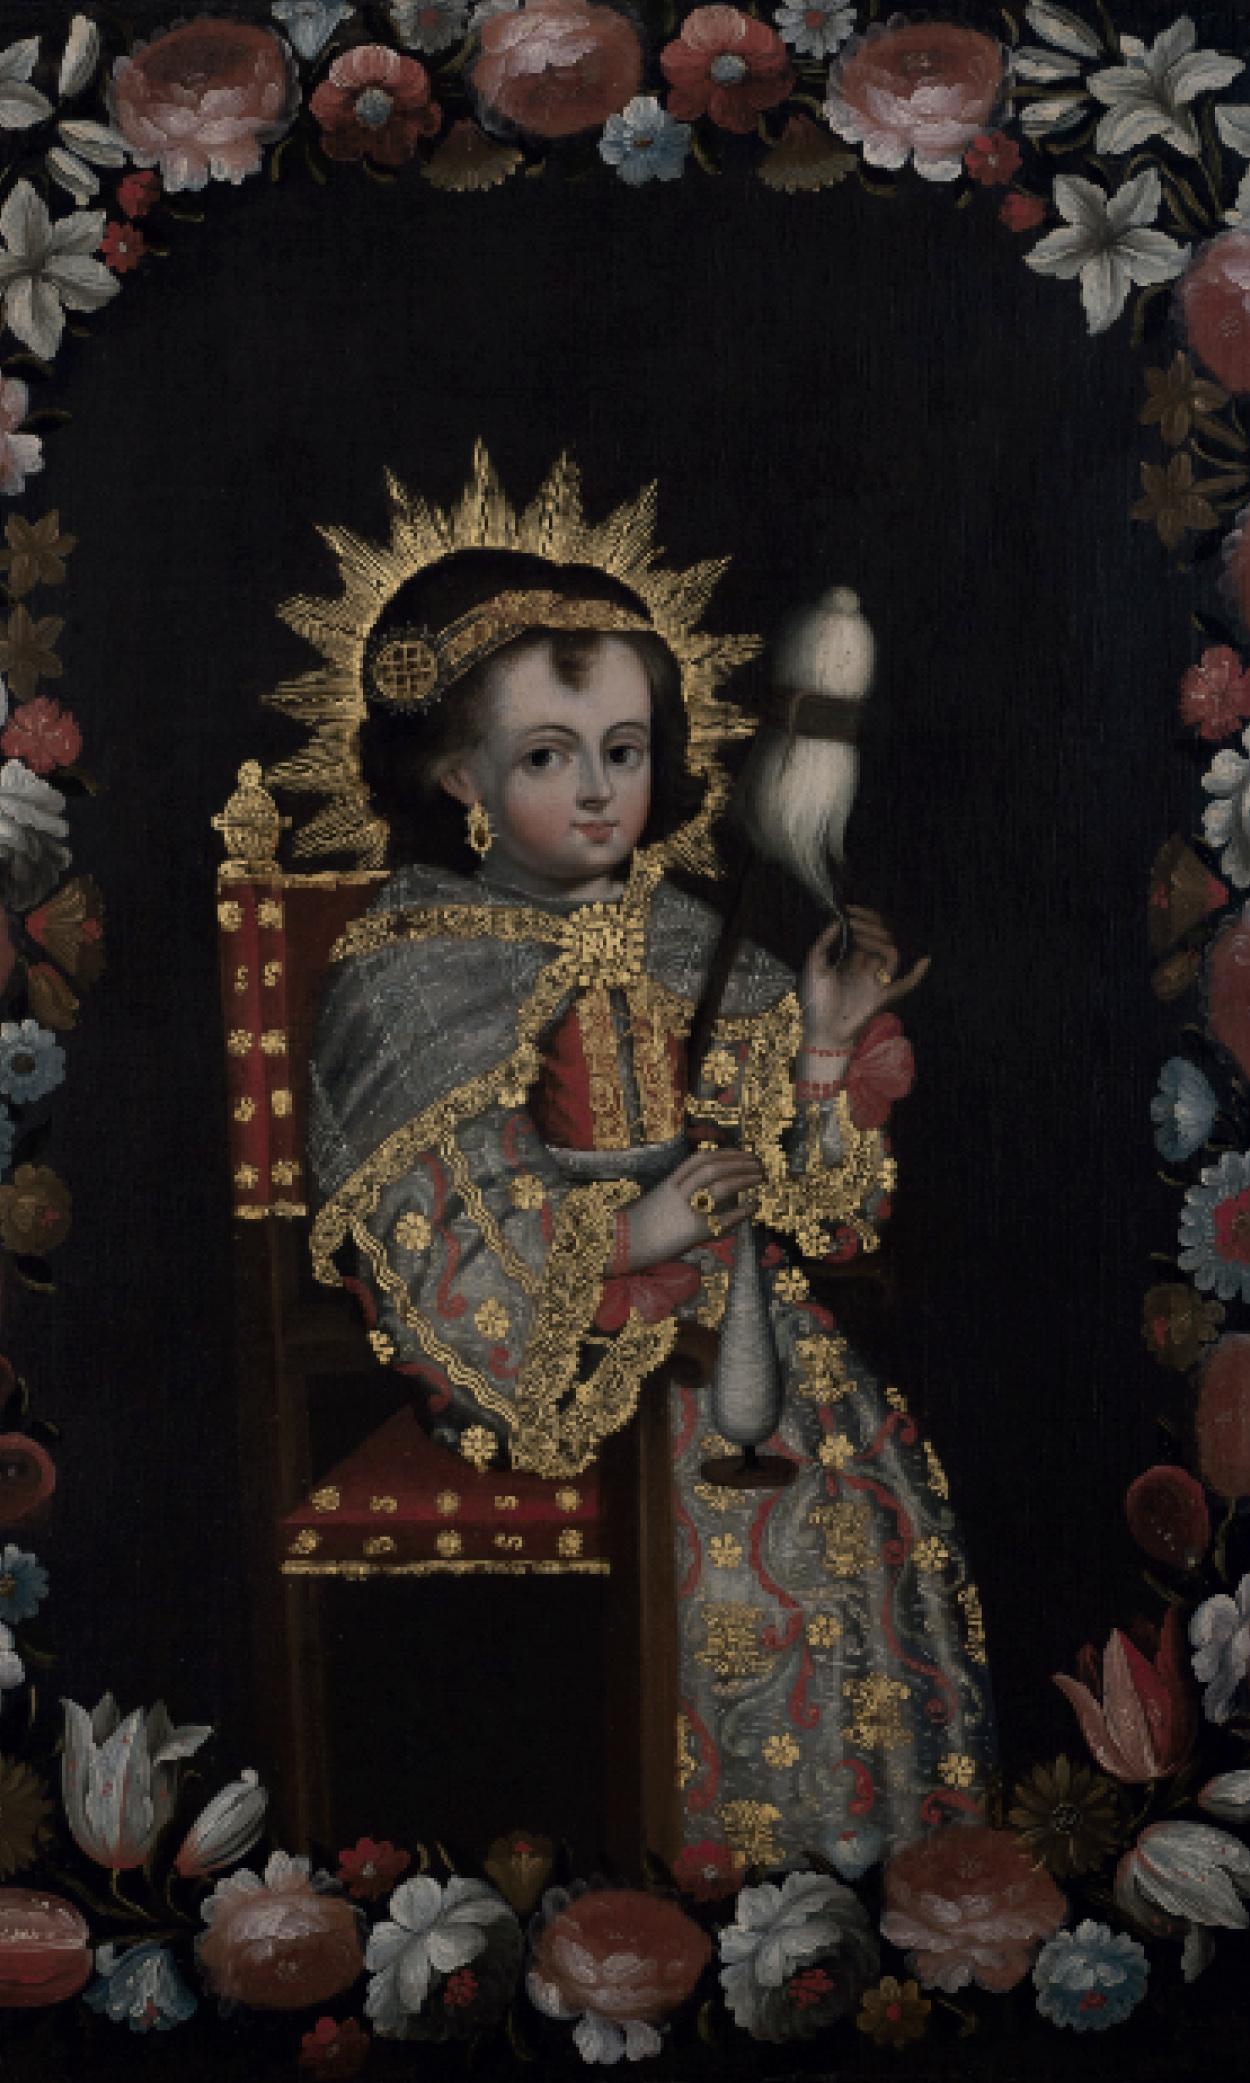 Virgen niña hilando (1729 - 1759)